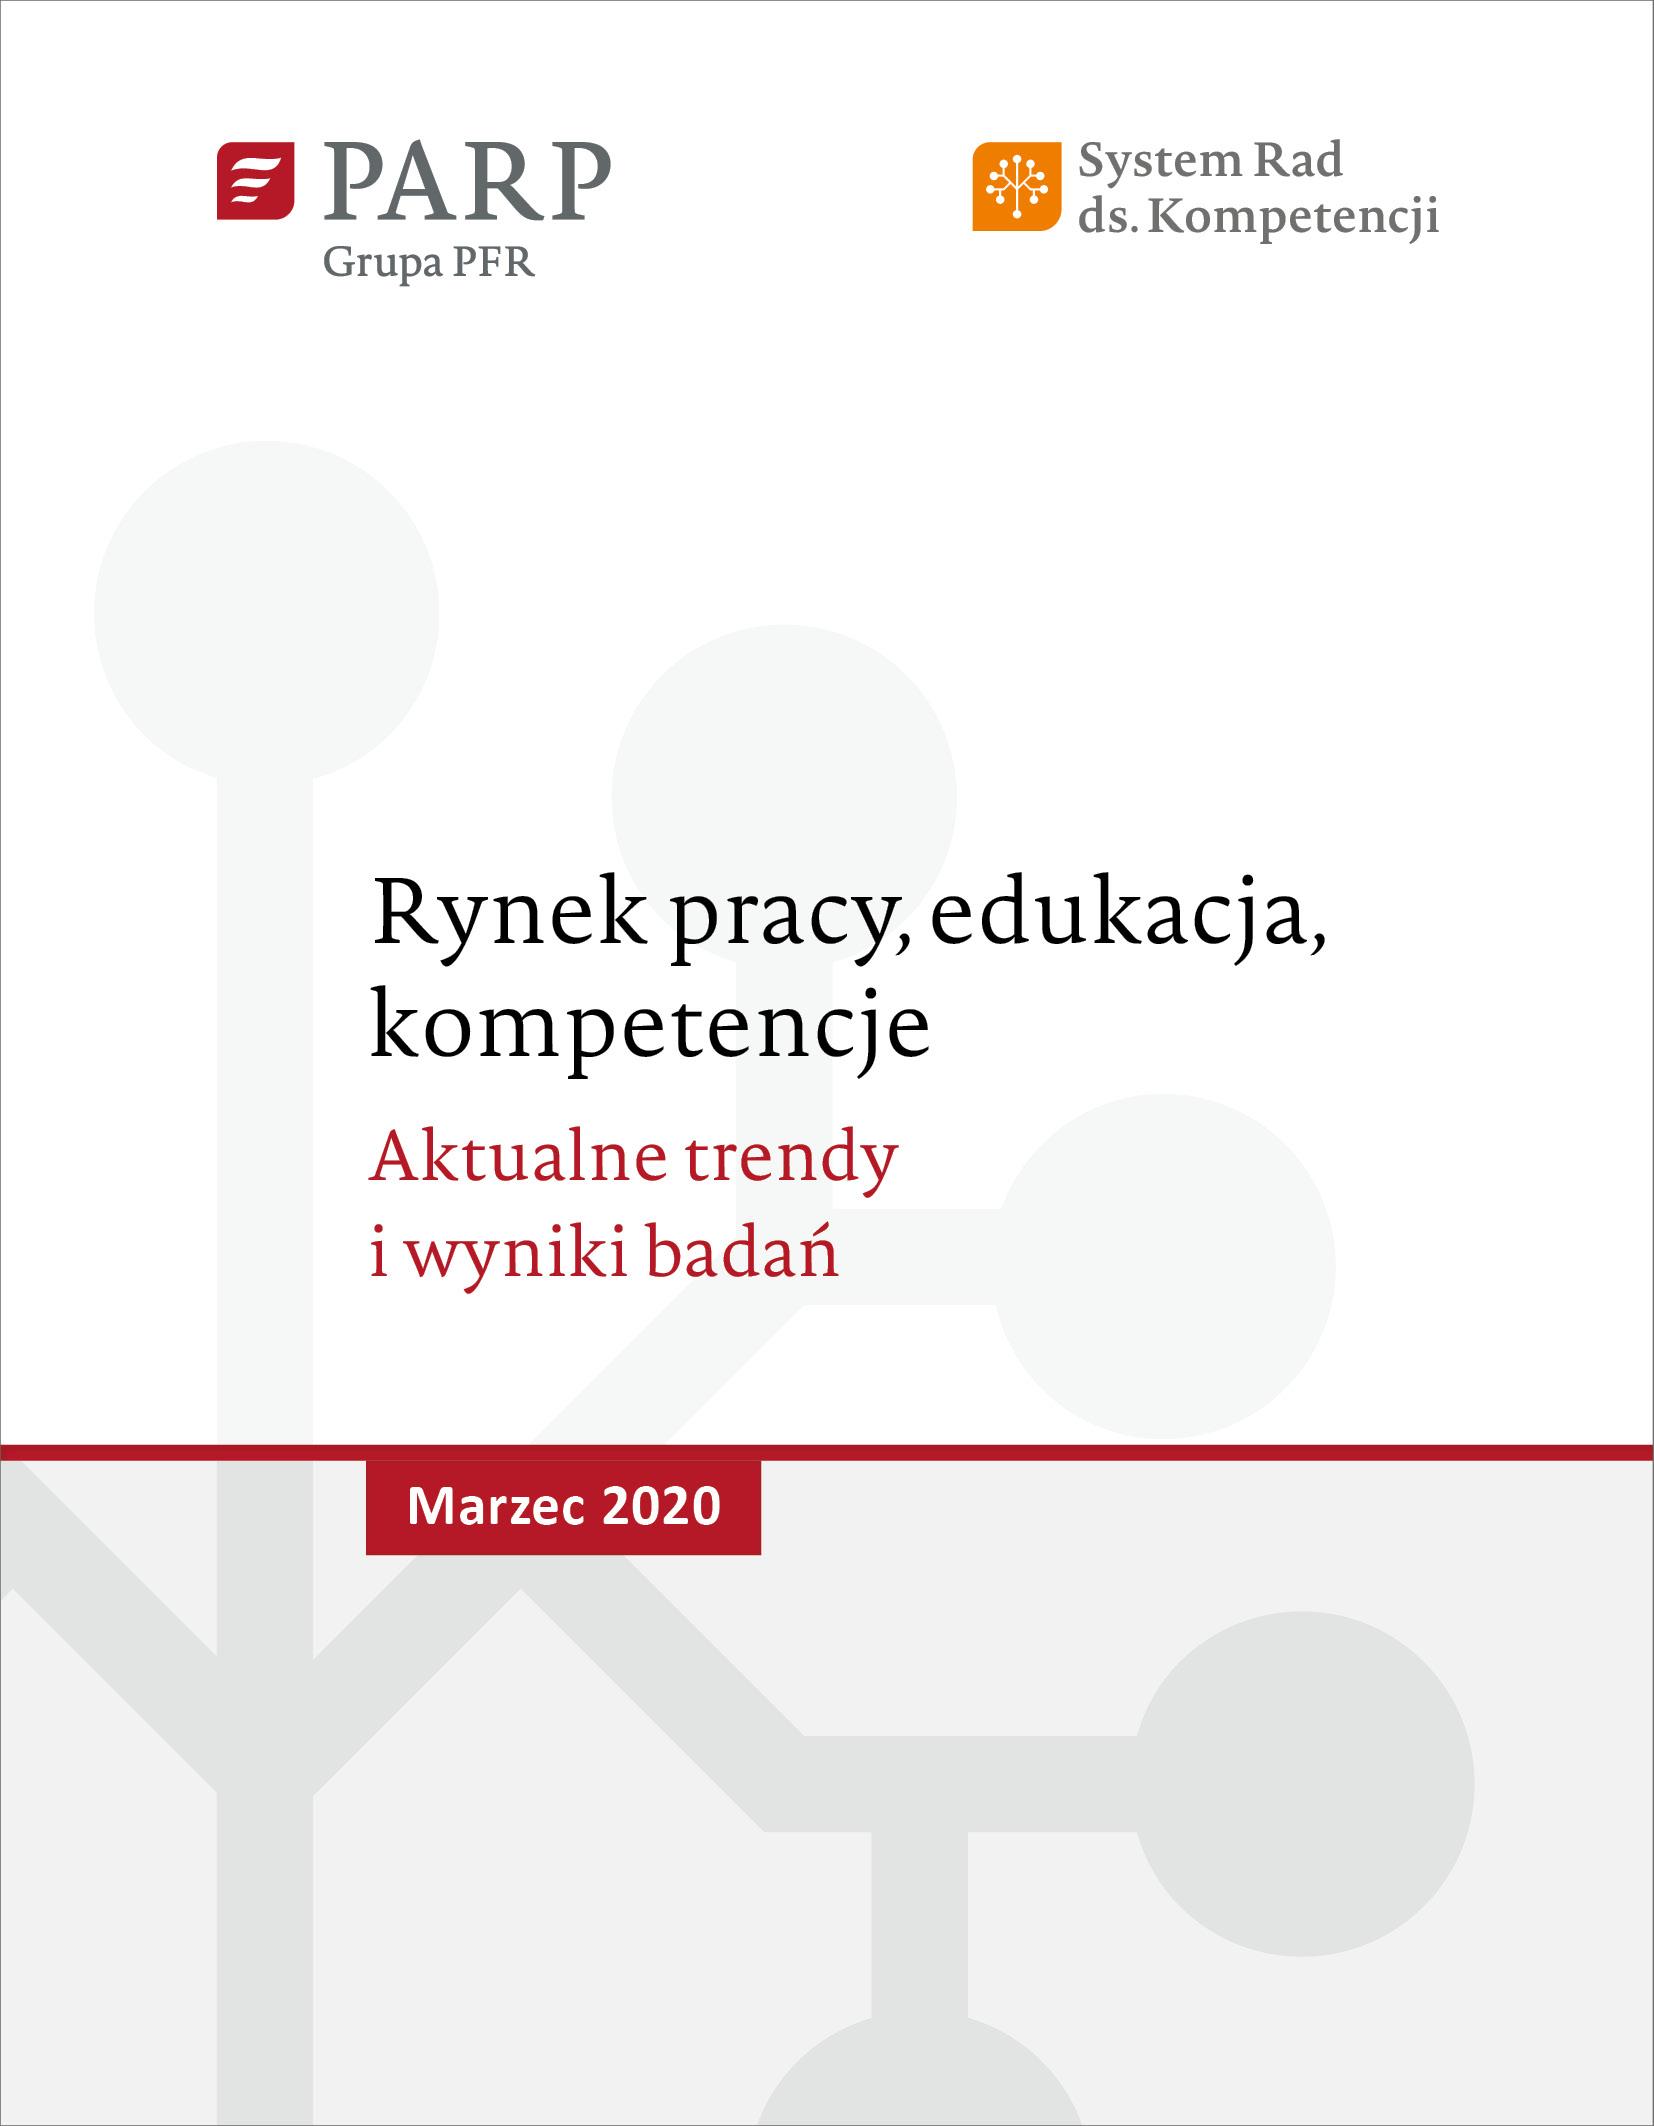 Rynek pracy, edukacja, kompetencje - marzec 2020